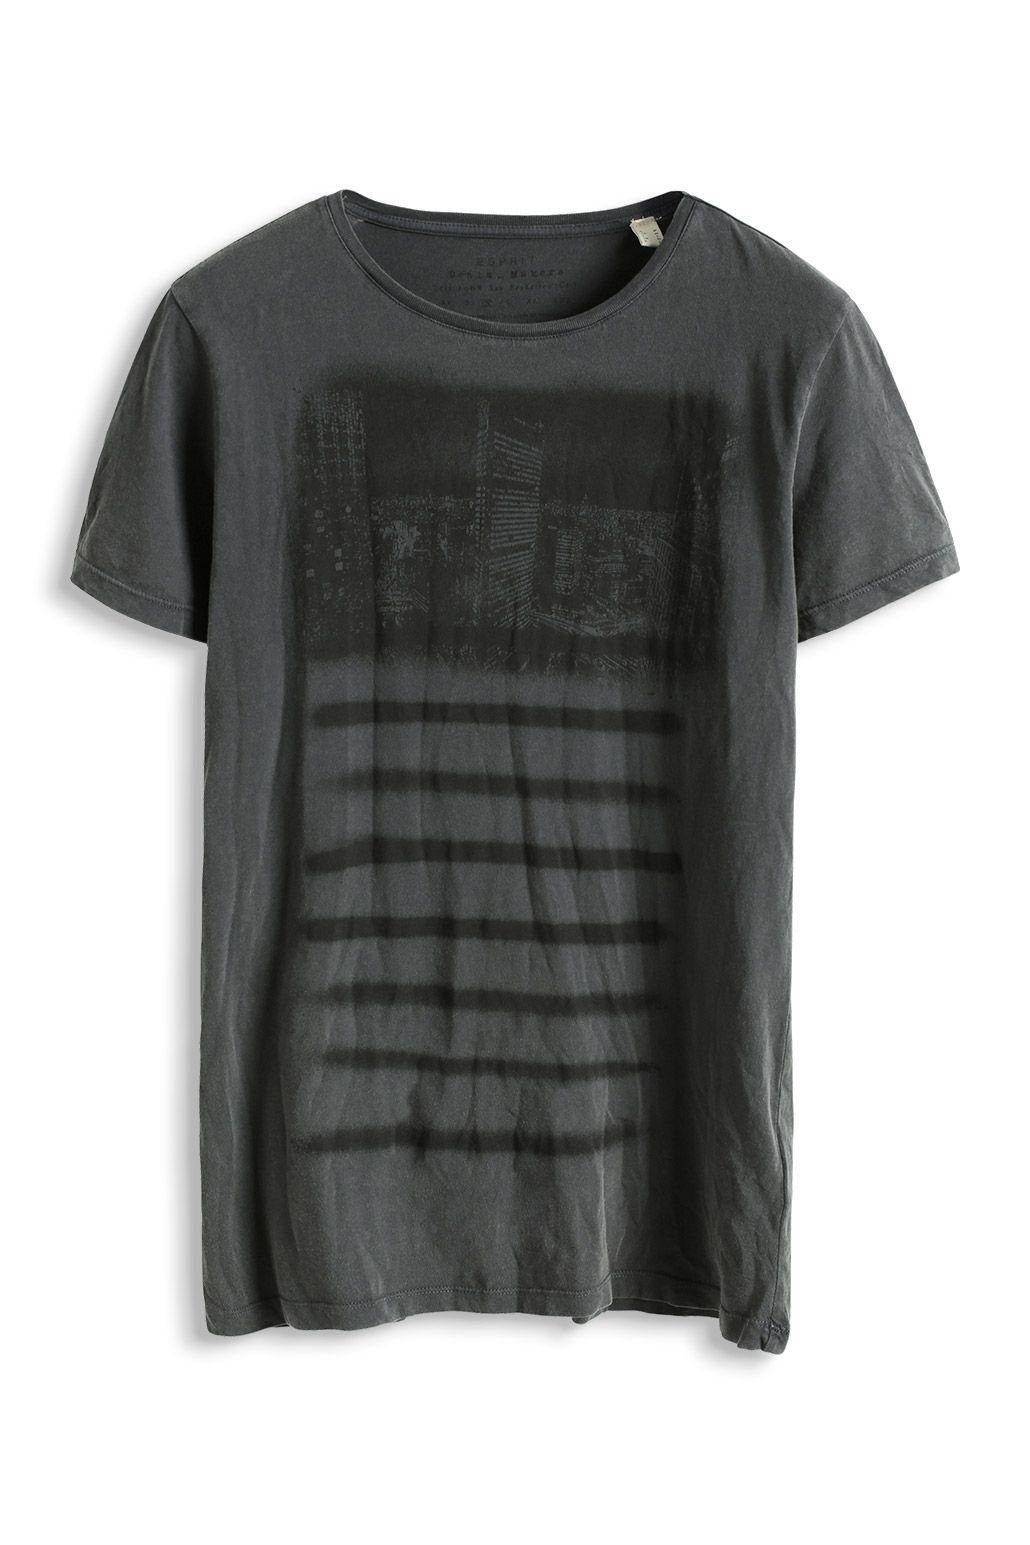 Davide Martini for Esprit Vintage Jersey T Shirt, 100